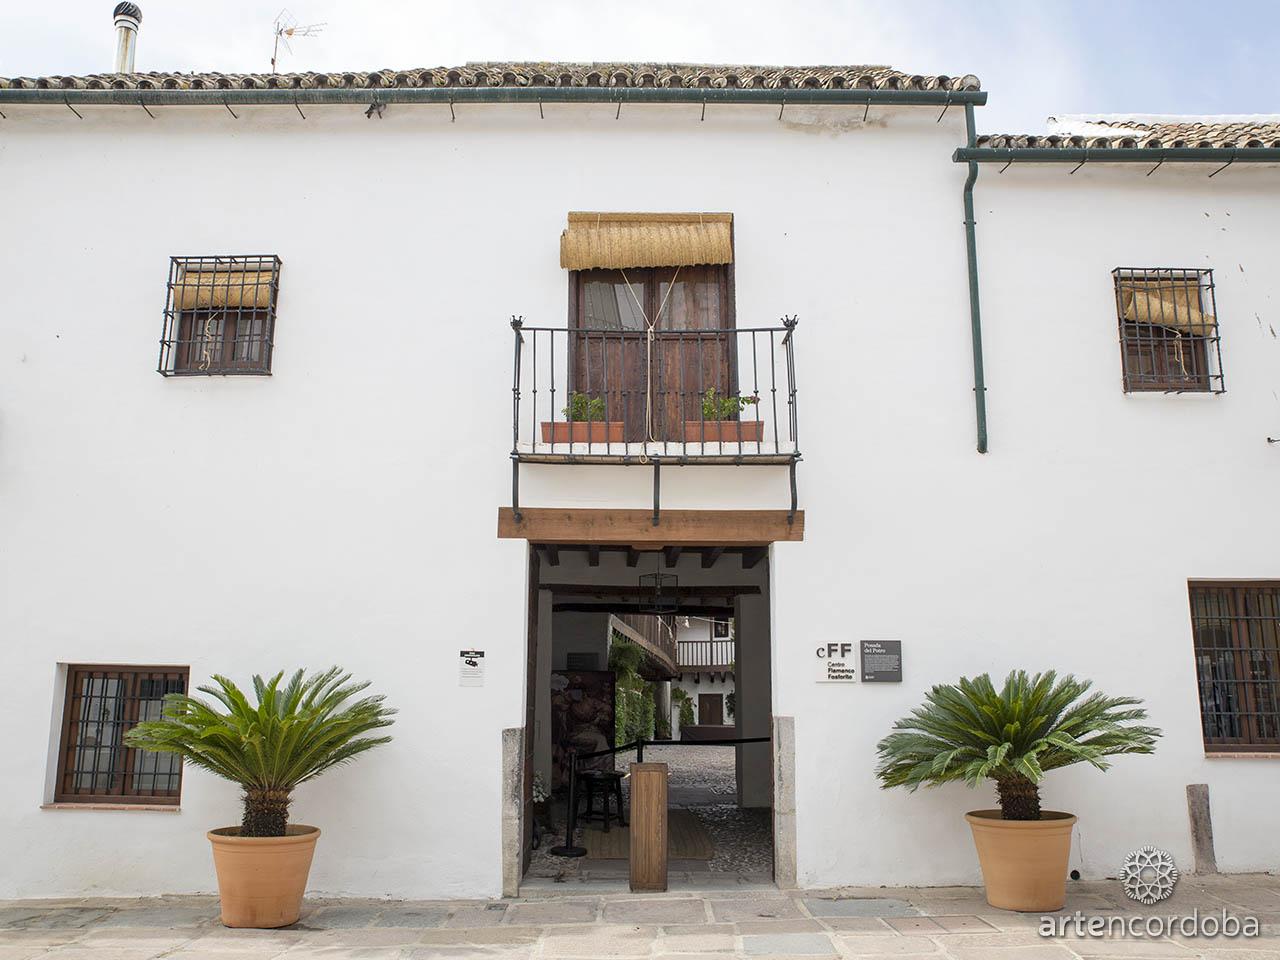 Portada de la Posada del Potro en Córdoba